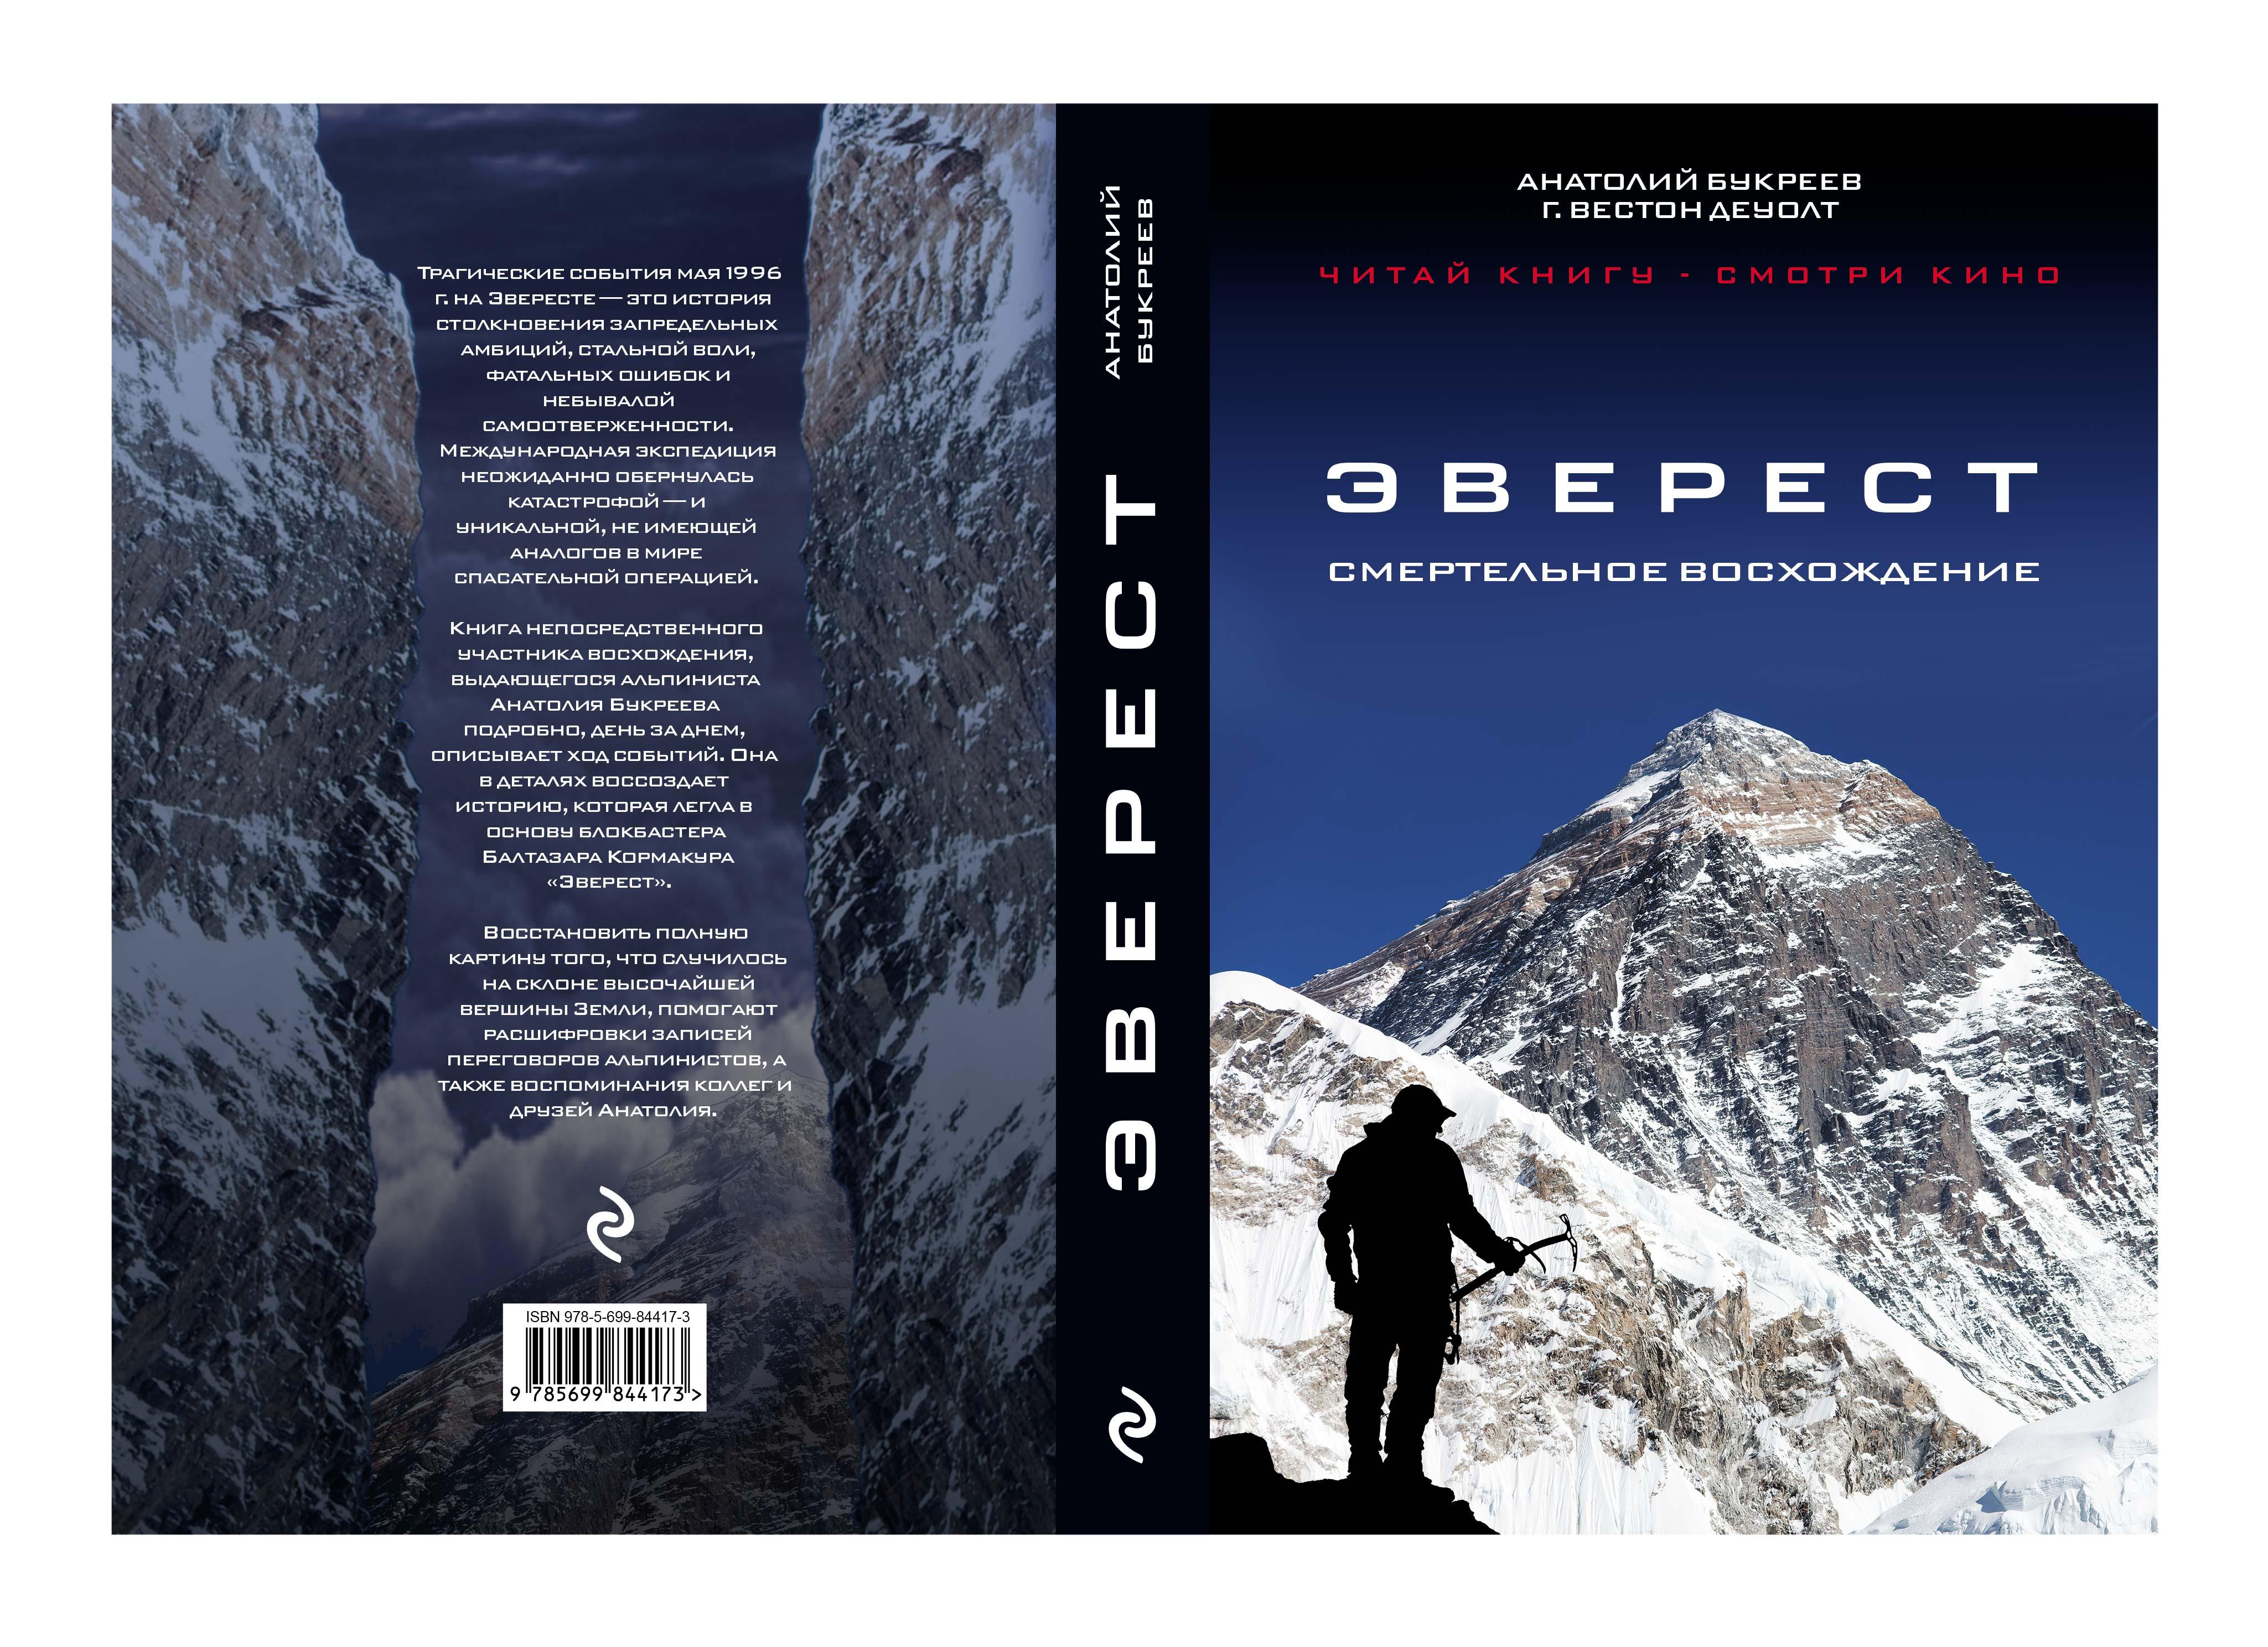 Книга BASK Эверест: смертельное восхождение 9785699844173